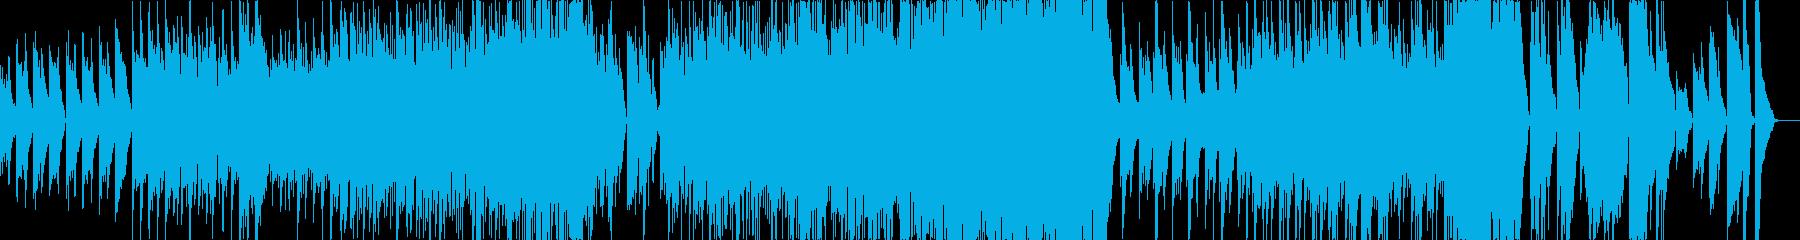 ピアノとドラムが奏でる絶妙なバラードの再生済みの波形